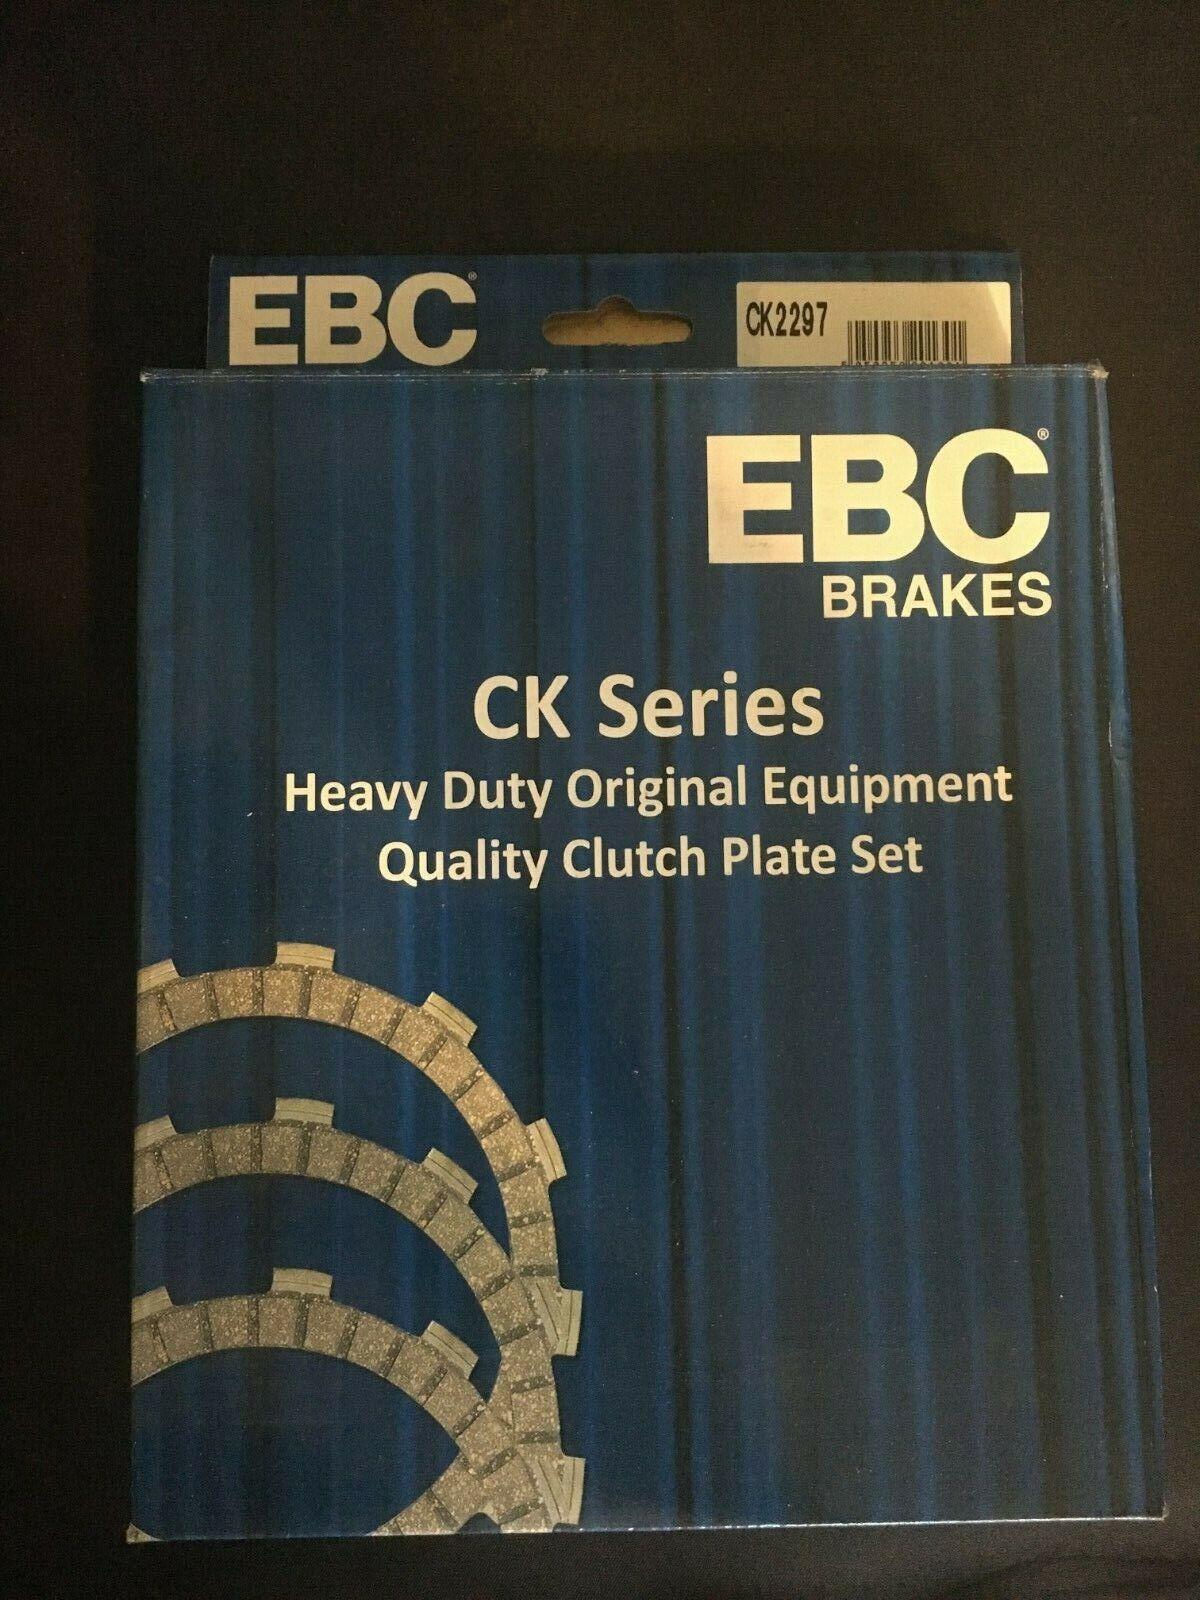 YAMAHA SRX 600 86-87 EBC Heavy Duty Clutch Plate Kit CK2297